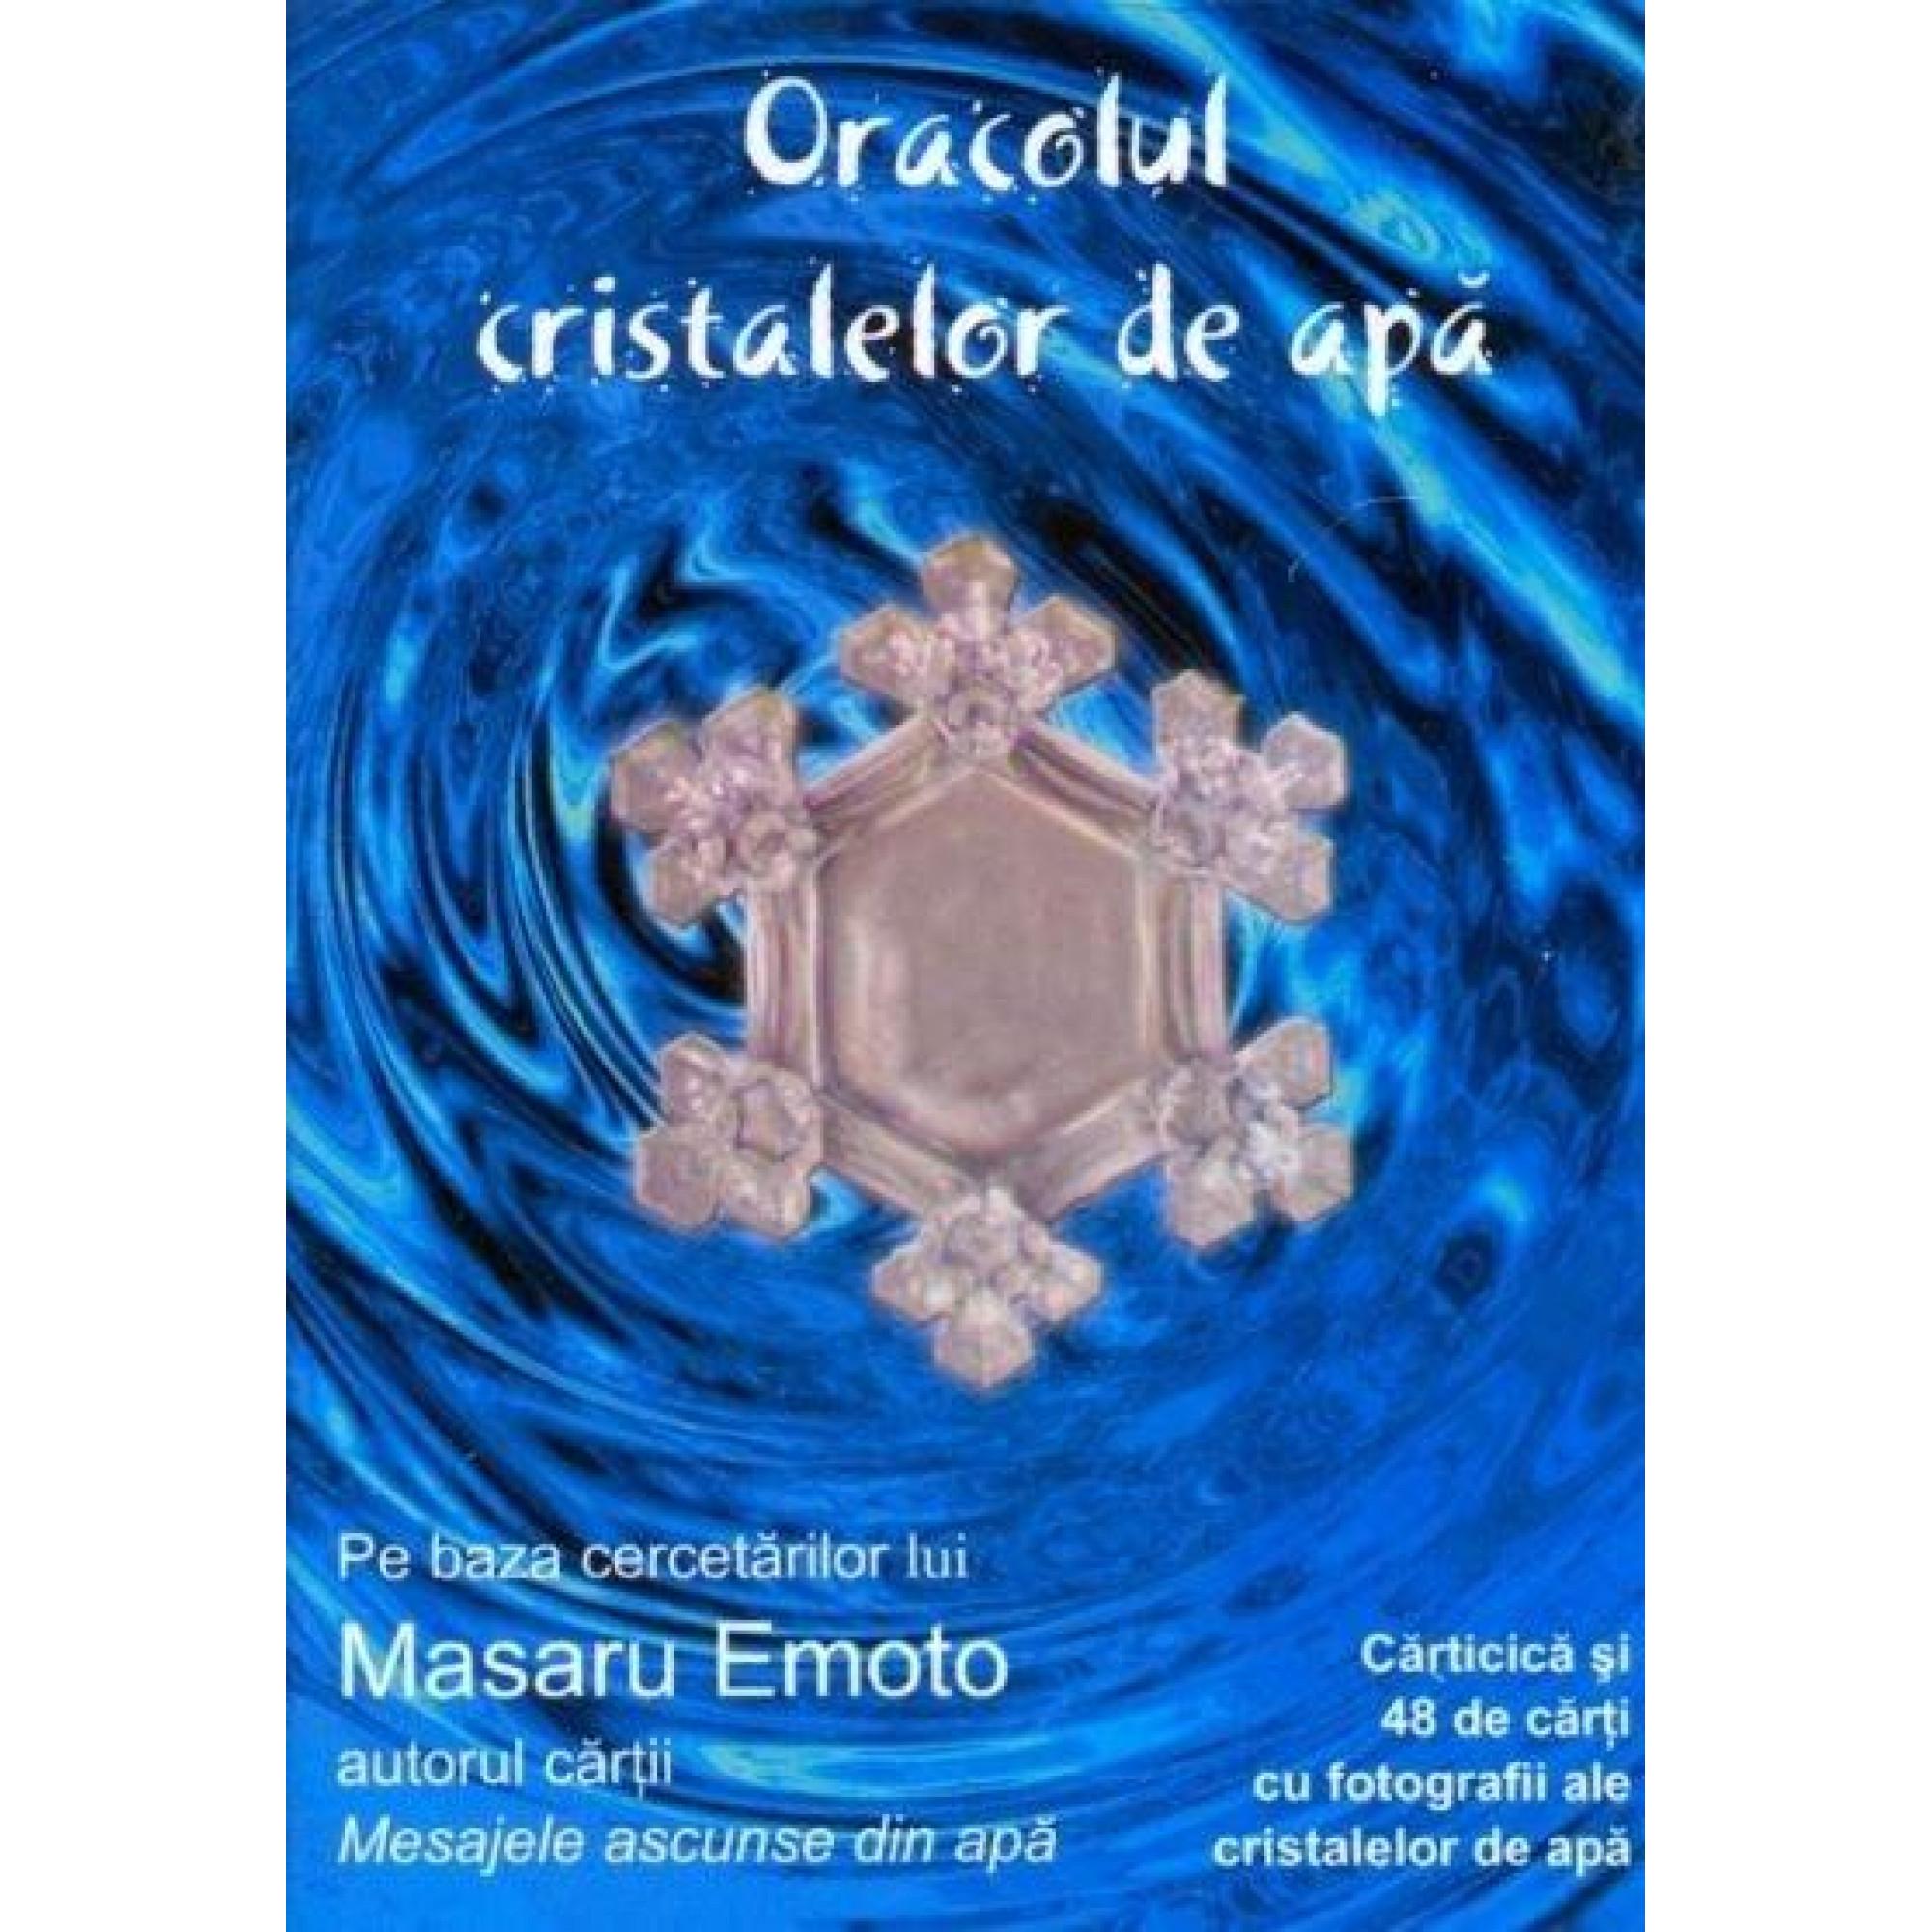 Oracolul cristalelor de apă; Masaru Emoto